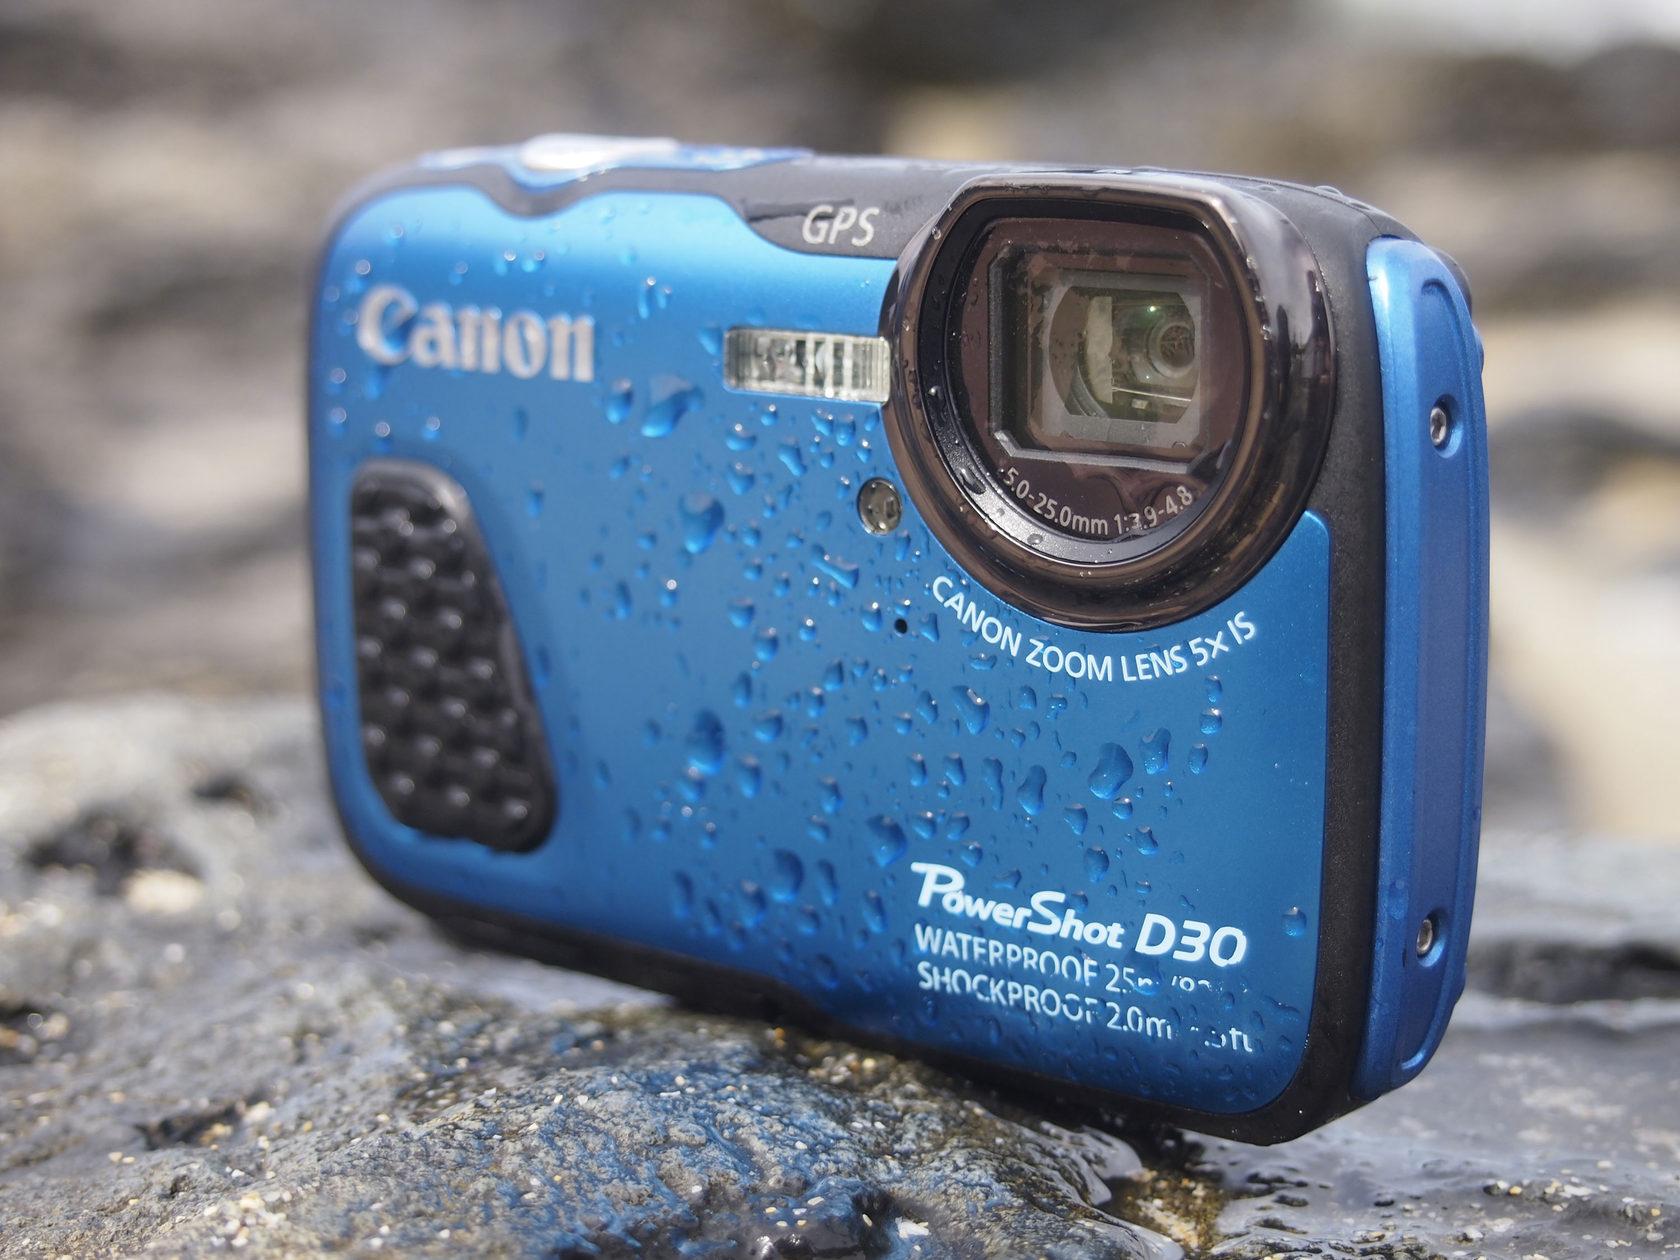 образом, тесты подводных фотокамер грани